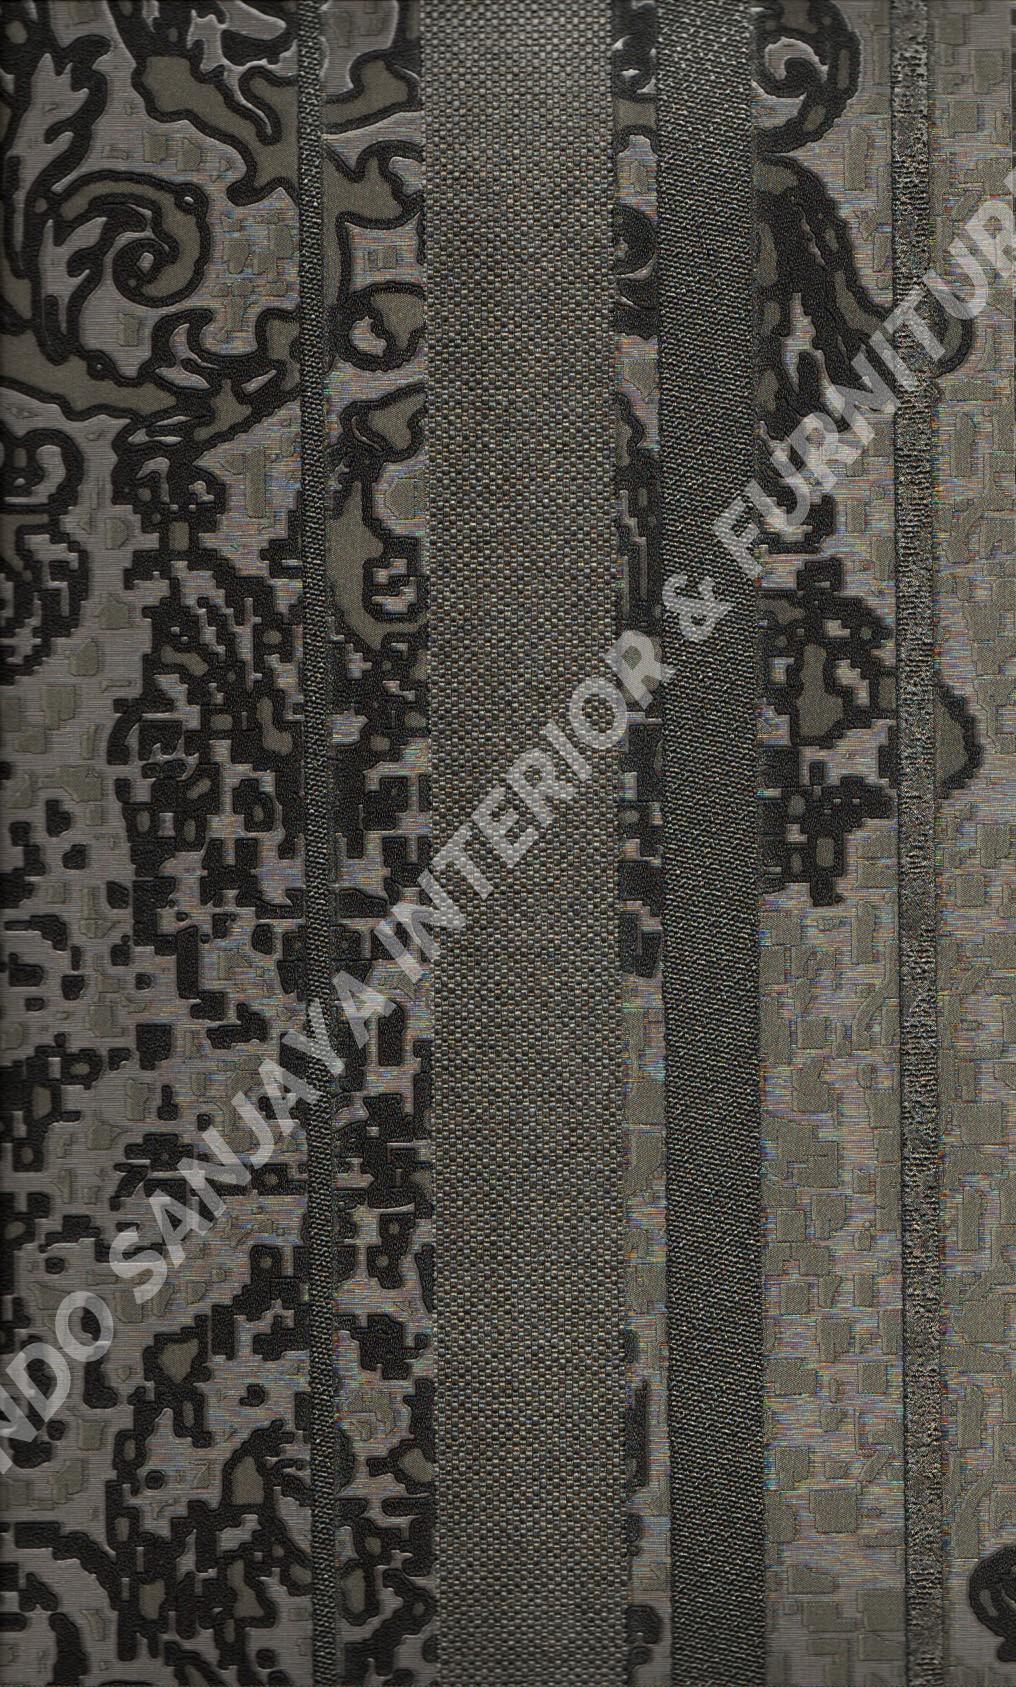 wallpaper MOKO:3072 corak Bunga ,Klasik / Batik (Damask) ,Garis warna Abu-Abu ,Hitam ,Cream ,Coklat